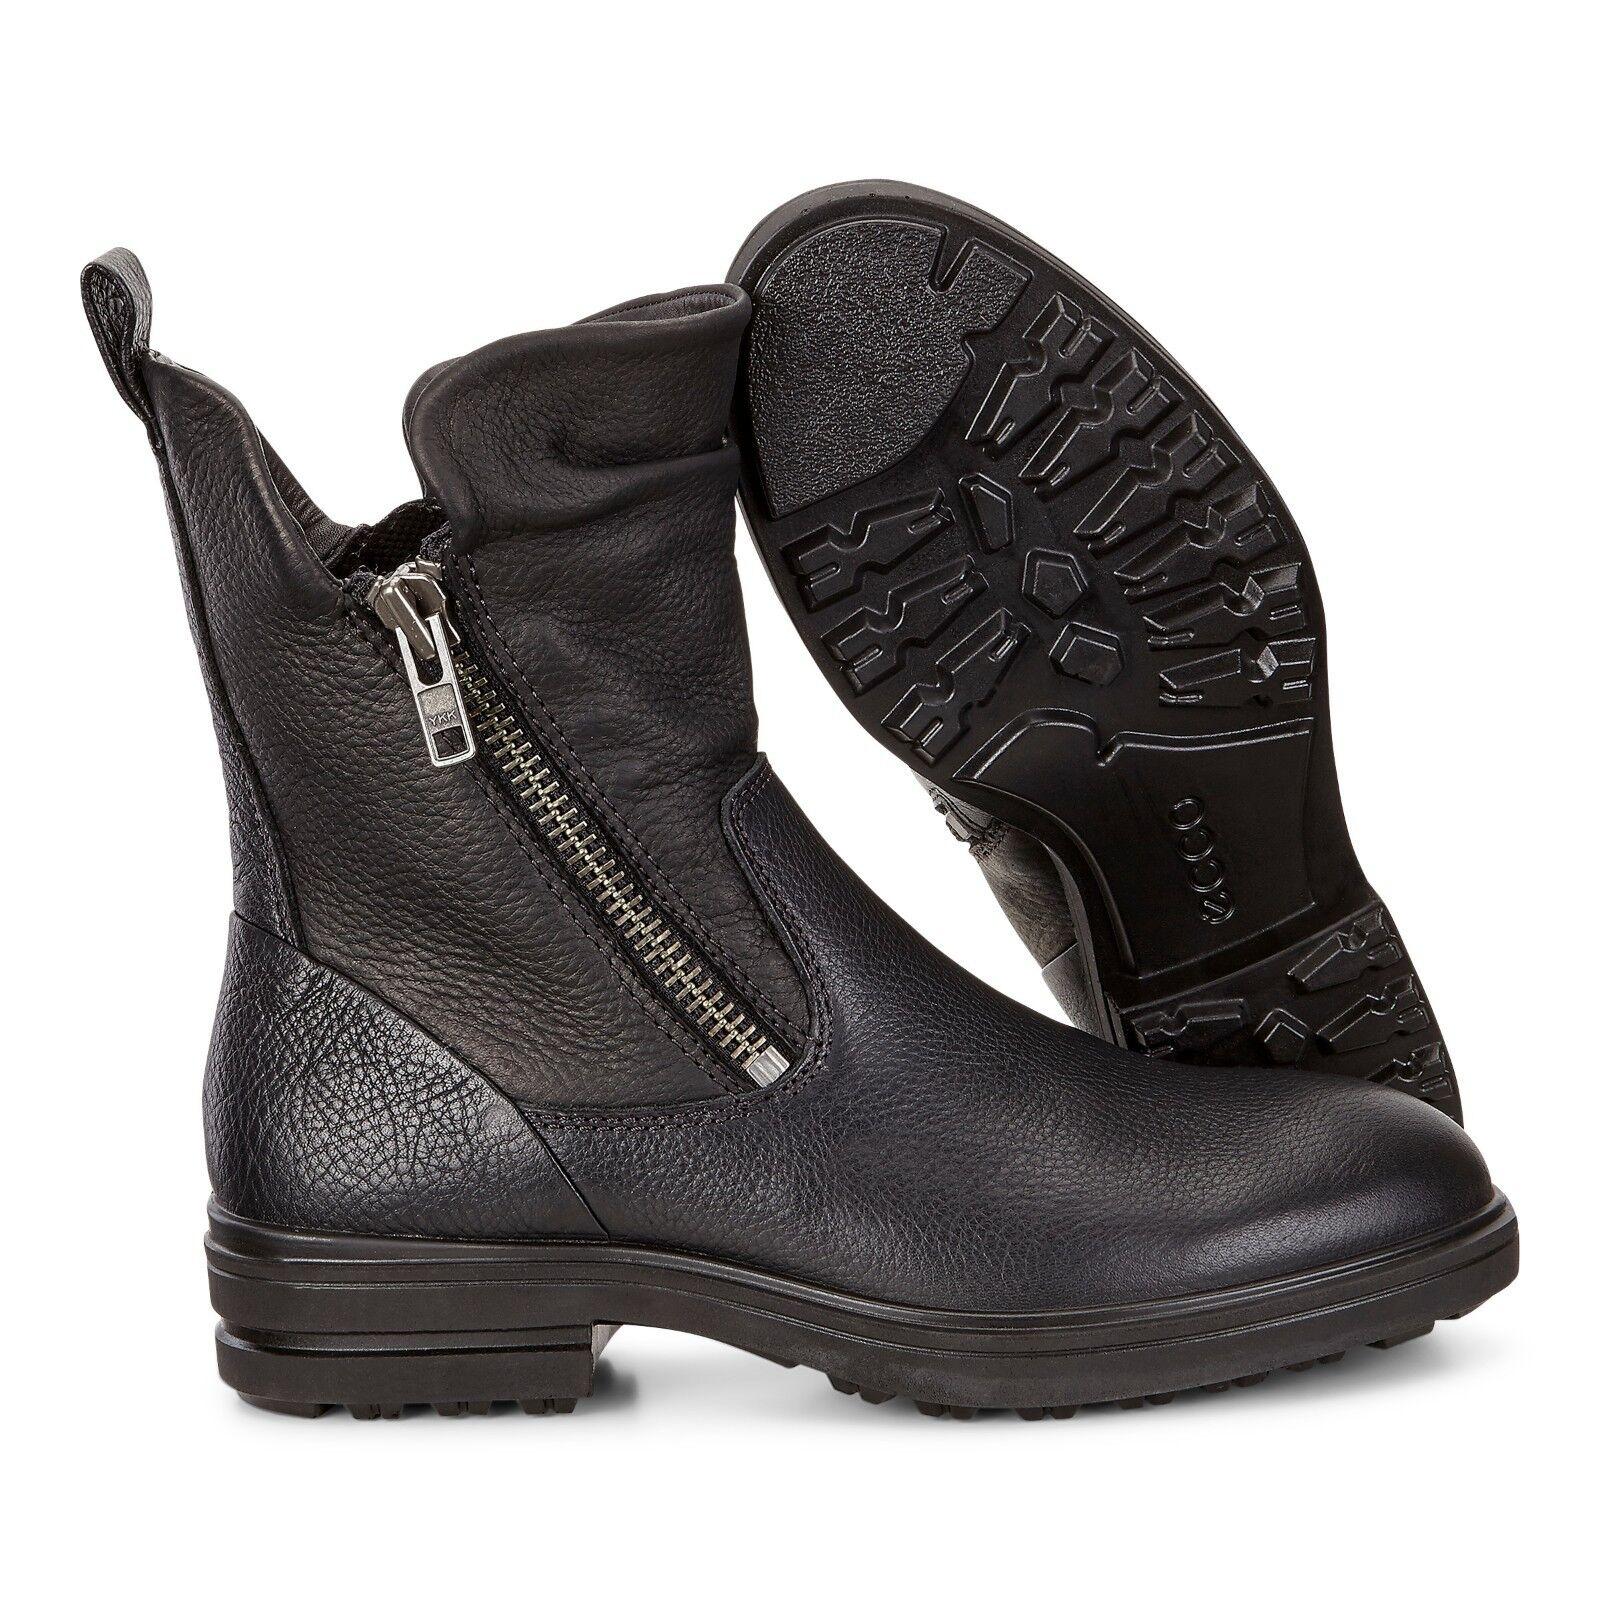 Ecco para mujer Euro Tamaño 41 botas de cuero negro negro negro con cremallera medio Zoe nosotros tamaño 10 10.5 Nuevo  barato